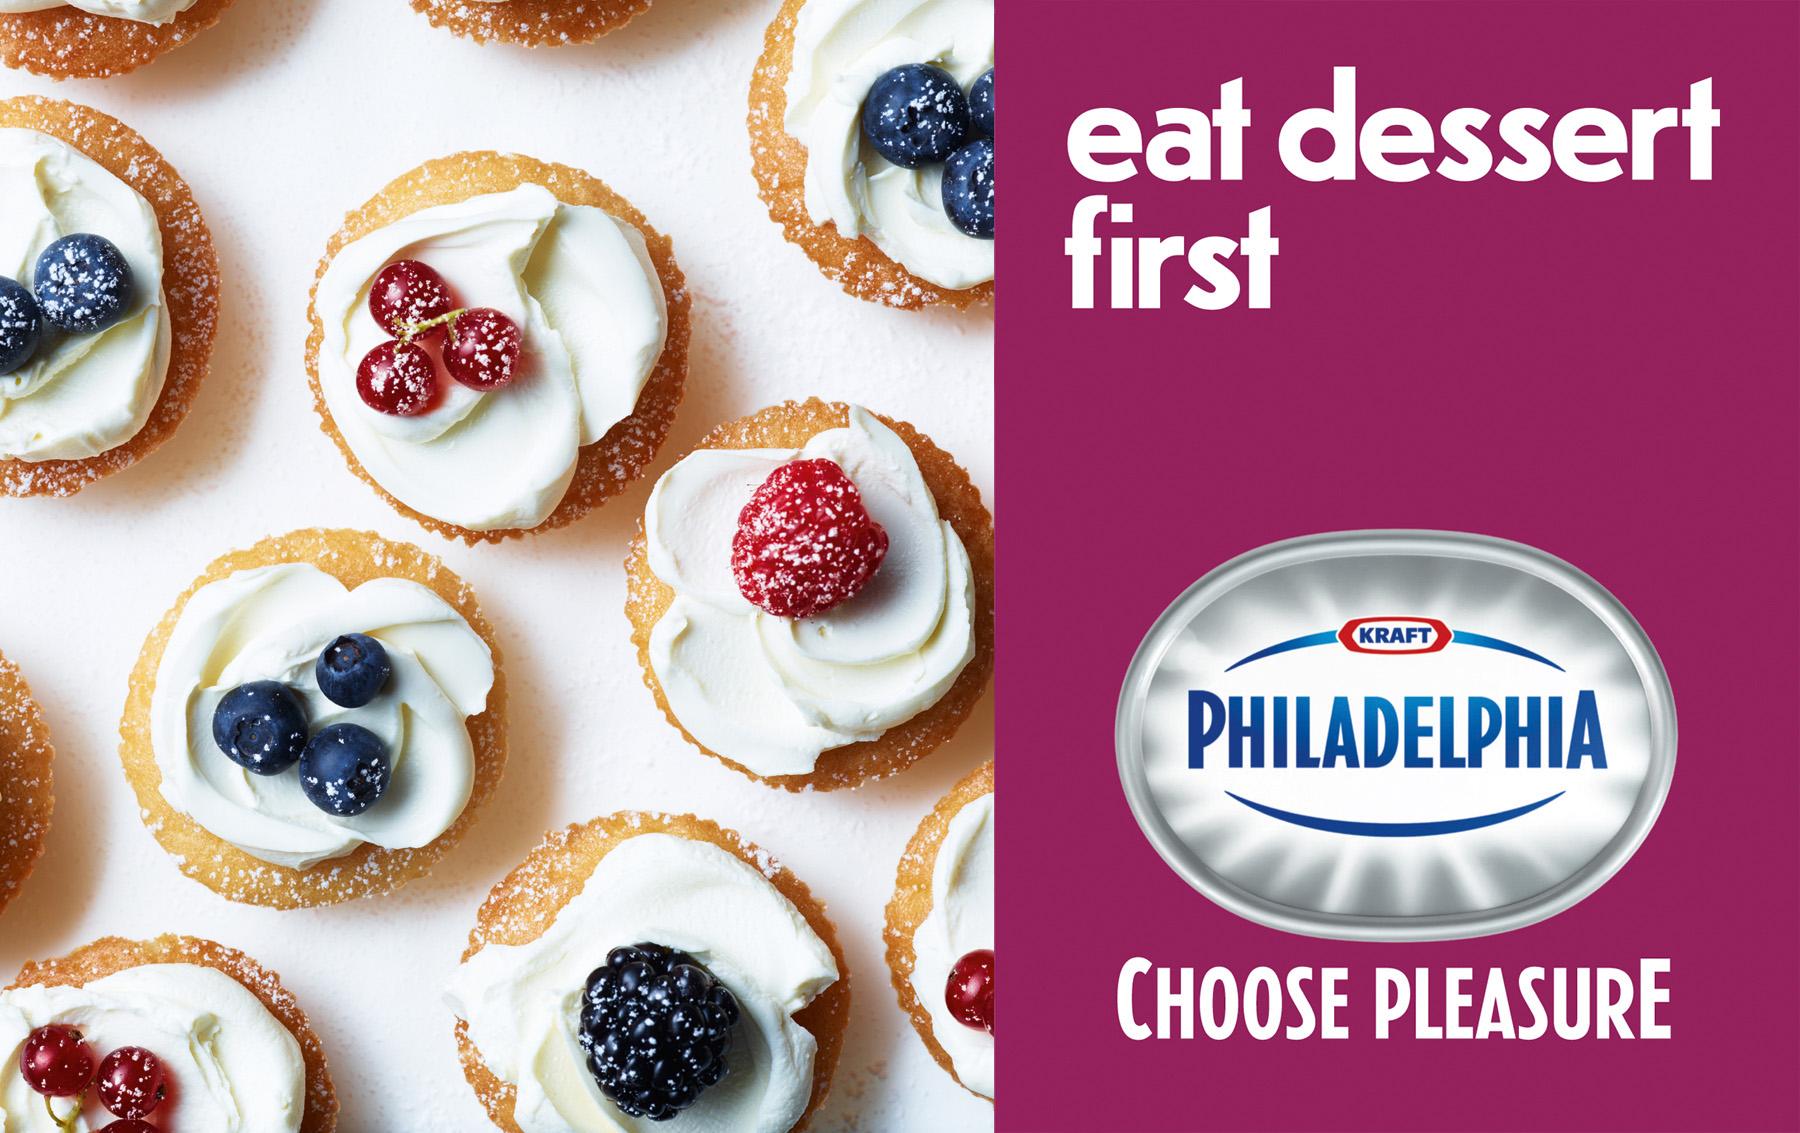 55-icon-artist-management-katie-hammond-food-philly_eat_dessert_first.jpg